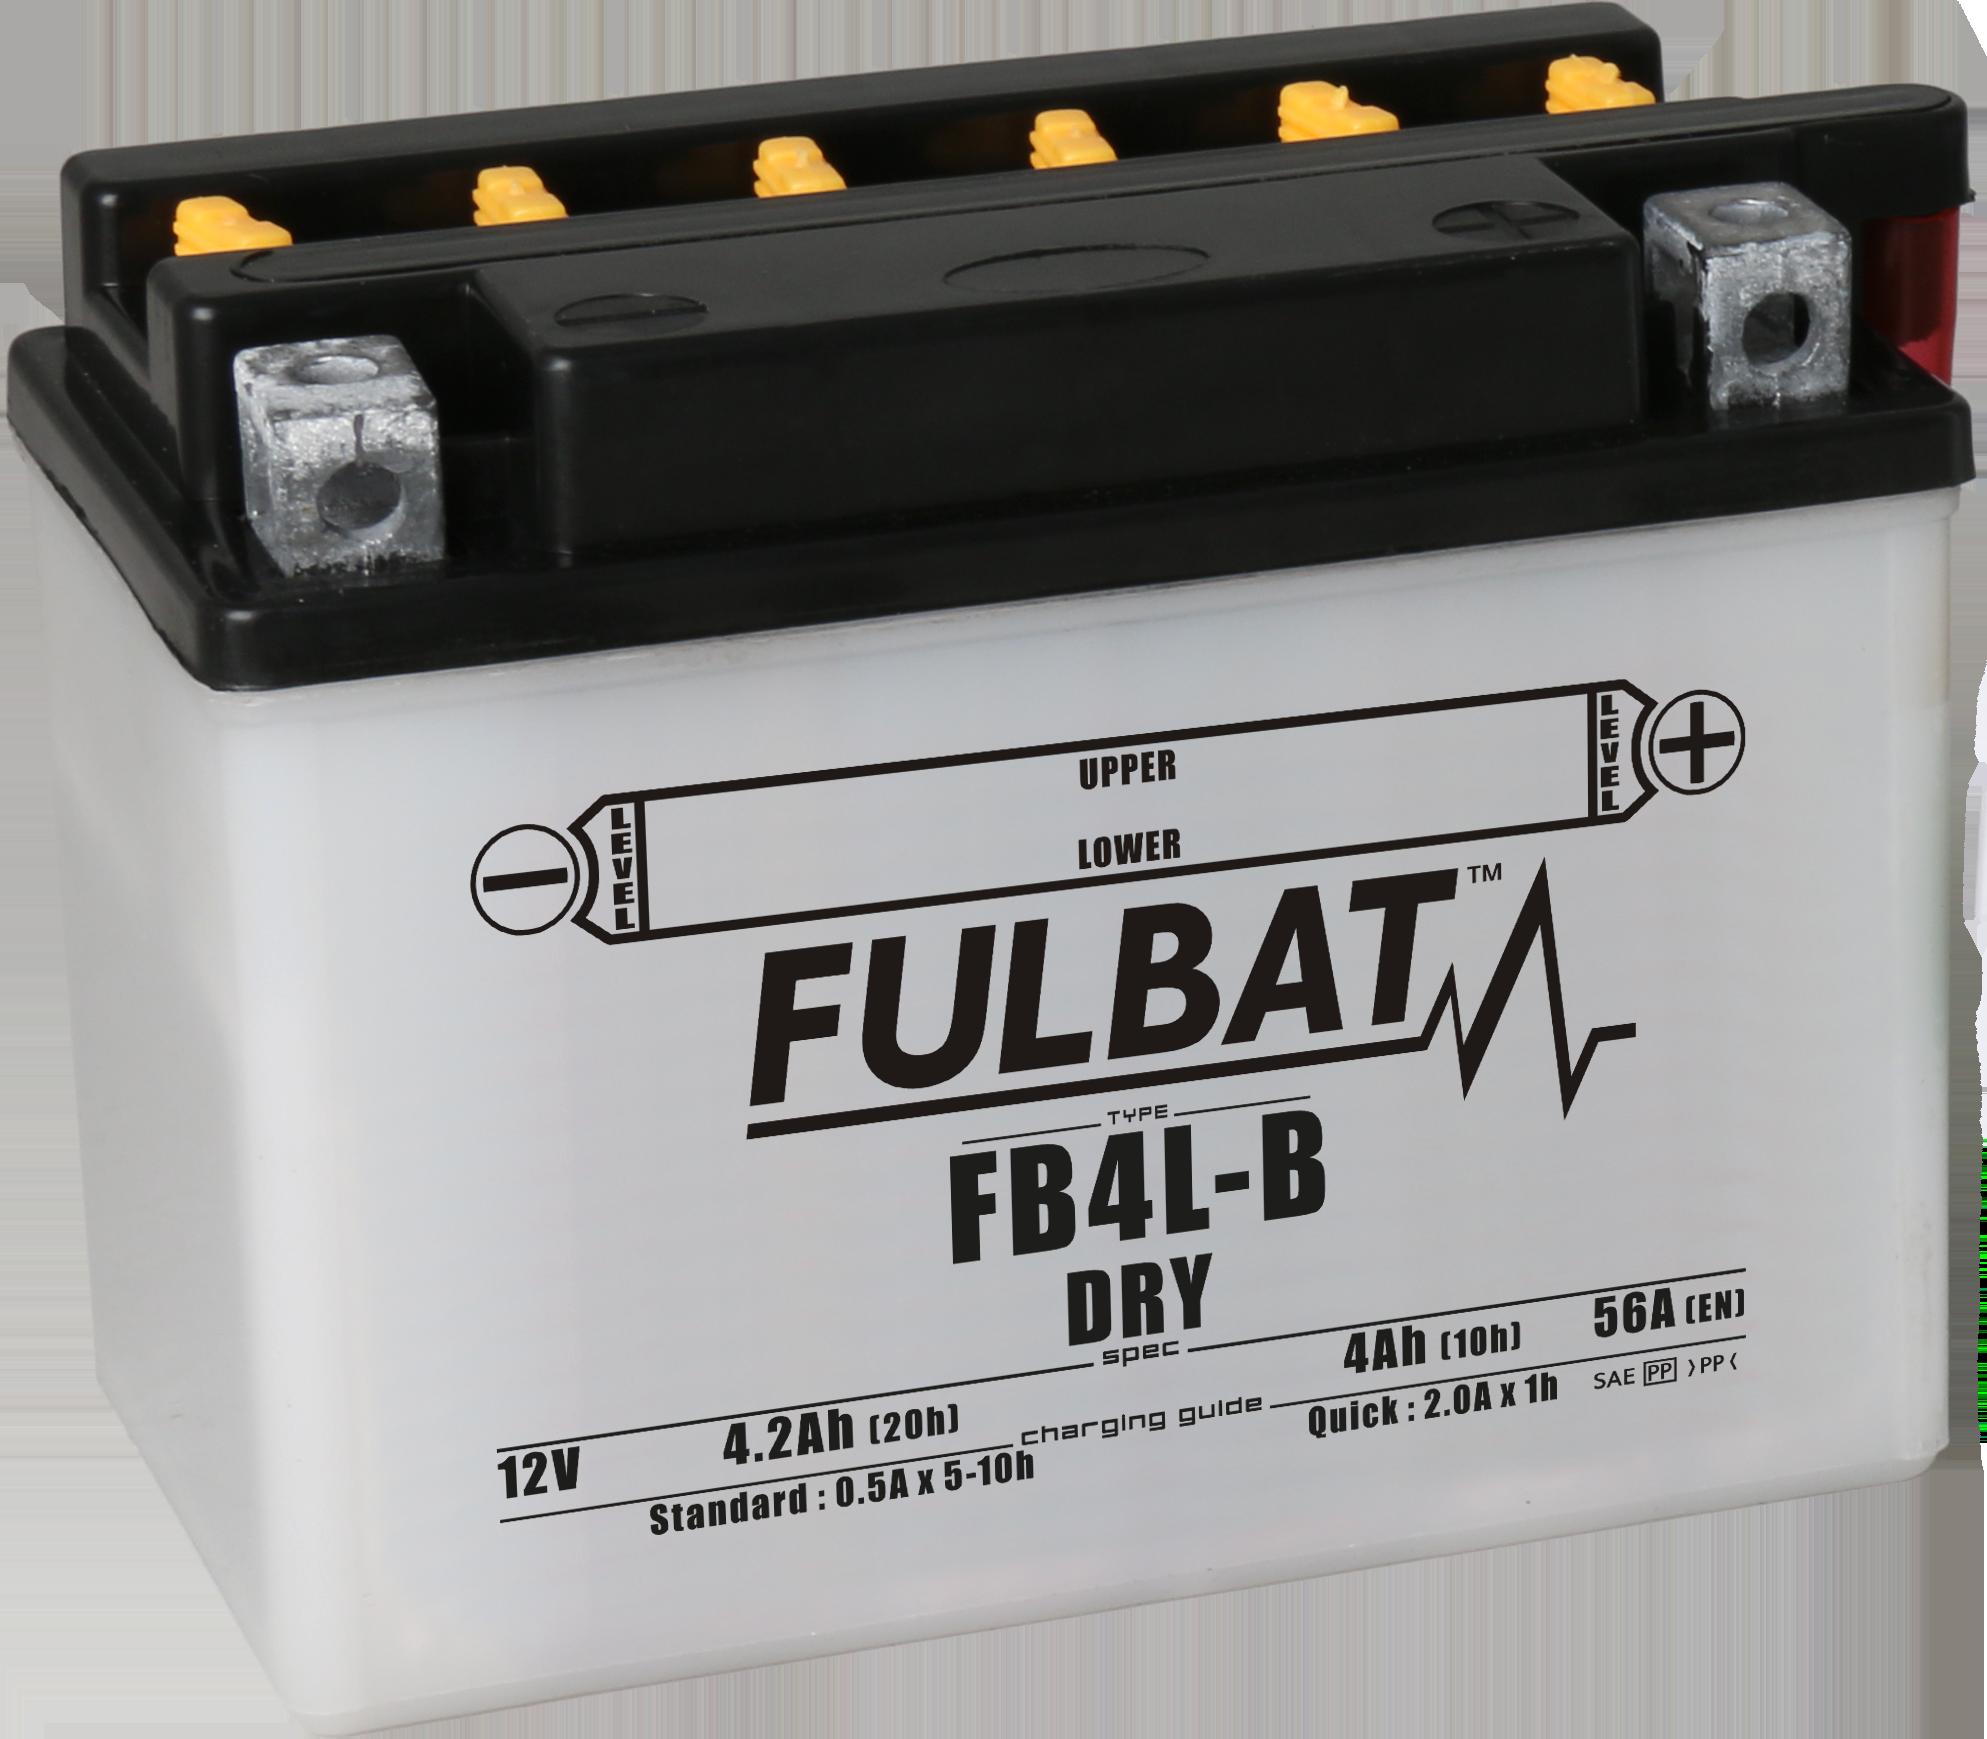 Fulbat_DRY-batterie-conventionnelle_FB4L-B